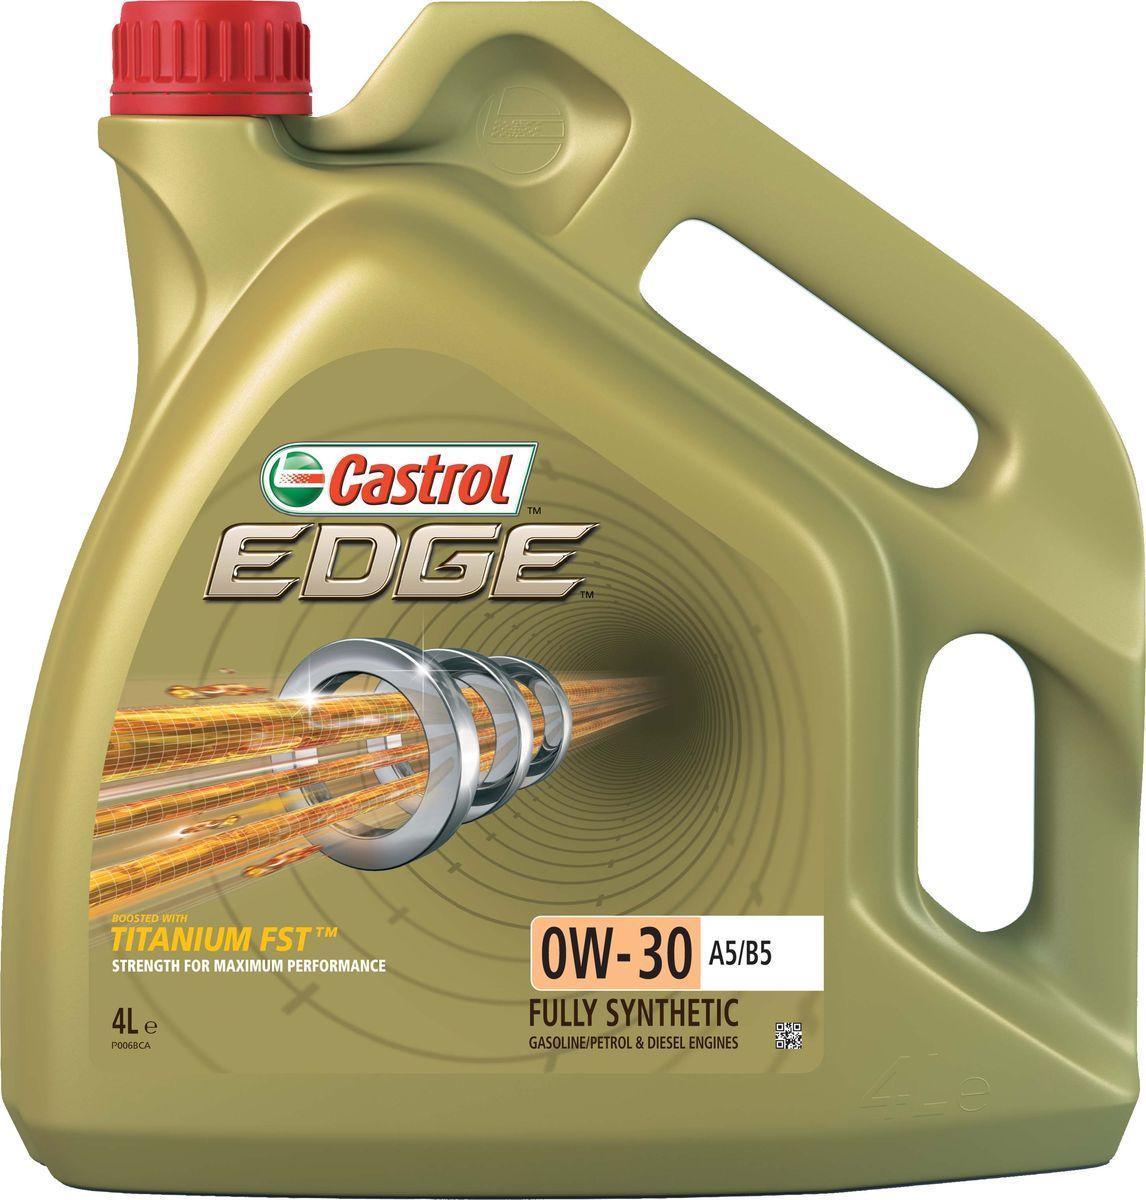 Моторное масло Castrol Edge0W-30 A5/B5, 4 л156E3FОписание Полностью синтетическое моторное масло Castrol EDGE произведено с использованием новейшей технологии TITANIUM FST™, придающей масляной пленке дополнительную силу и прочность благодаря соединениям титана. TITANIUM FST™ радикально меняет поведение масла в условиях экстремальных нагрузок, формируя дополнительный ударопоглащающий слой. Испытания подтвердили, что TITANIUM FST™ в 2 раза увеличивает прочность пленки, предотвращая ее разрыв и снижая трение для максимальной производительности двигателя. С Castrol EDGE Ваш автомобиль готов к любым испытаниям независимо от дорожных условий. Применение Castrol EDGE 0W-30 A5/B5 предназначено для бензиновых и дизельных двигателей автомобилей, где производитель рекомендует моторные масла спецификаций ACEA A1/B1, A5/B5, ILSAC GF-2 класса вязкости SAE 0W-30. Преимущества Castrol EDGE 0W-30 A5/B5 обеспечивает надёжную и максимально эффективную работу высокотехнологичных двигателей, созданных по новейшим инженерным разработкам, требующих...